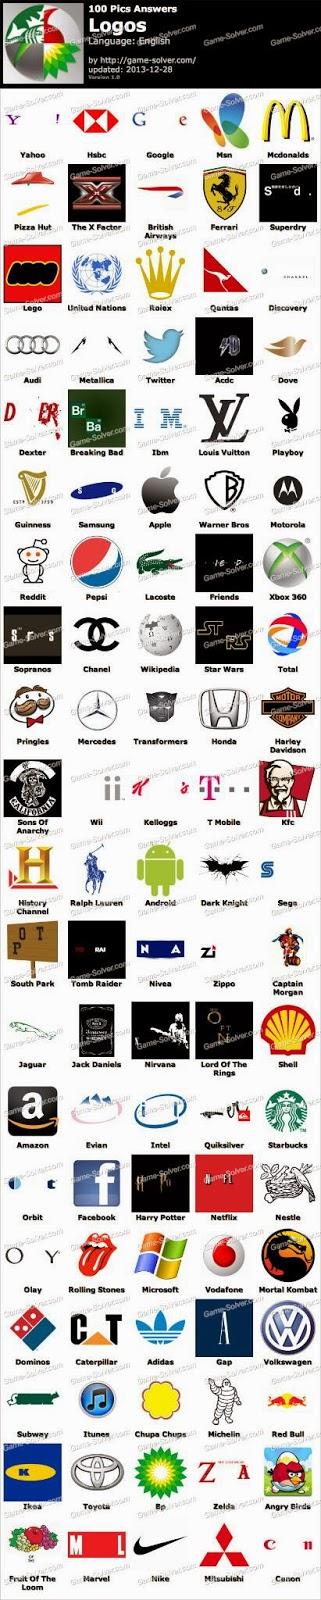 game cheats 100 pics logos answers